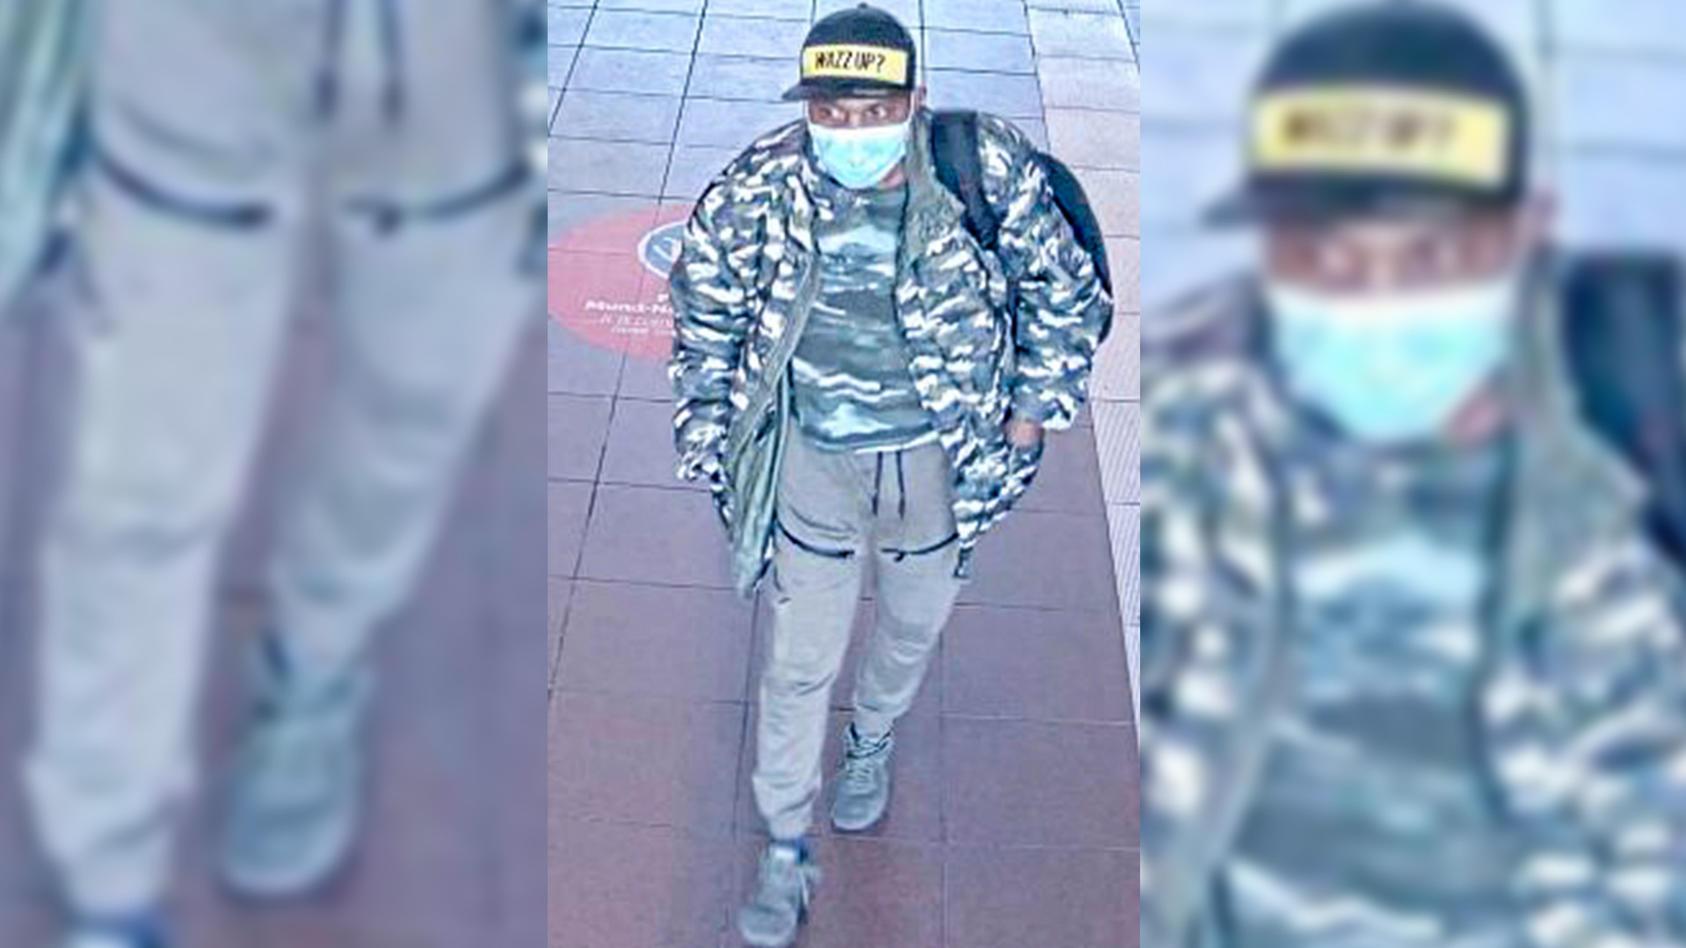 Dieser Mann soll mehrfach Frauen sexuell belästigt haben. Mit den Fotos fahndet die Polizei nun öffentlich nach ihm.